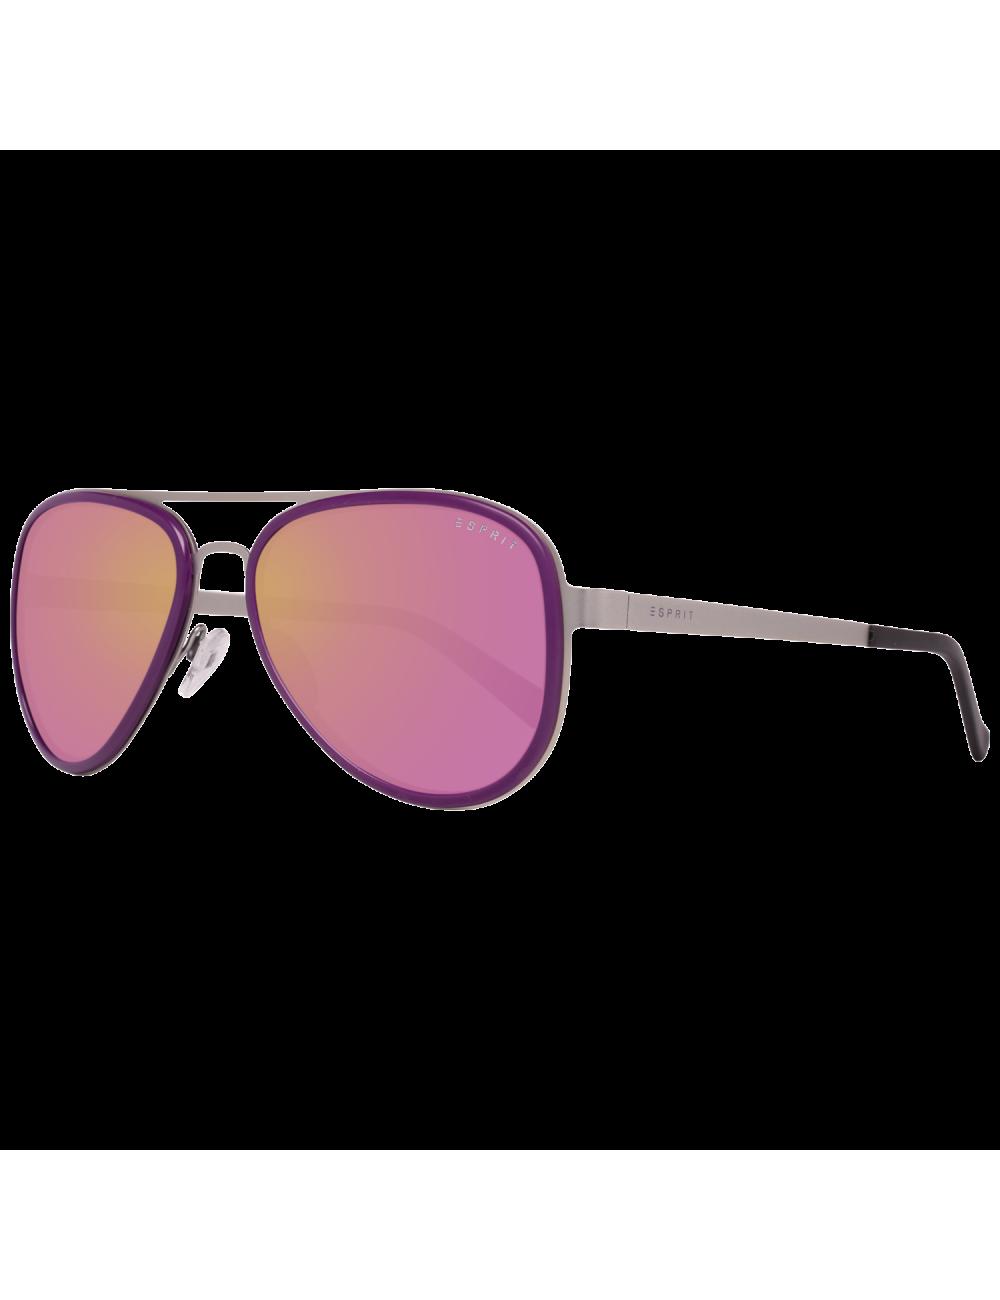 Esprit Sunglasses ET19469 577 57